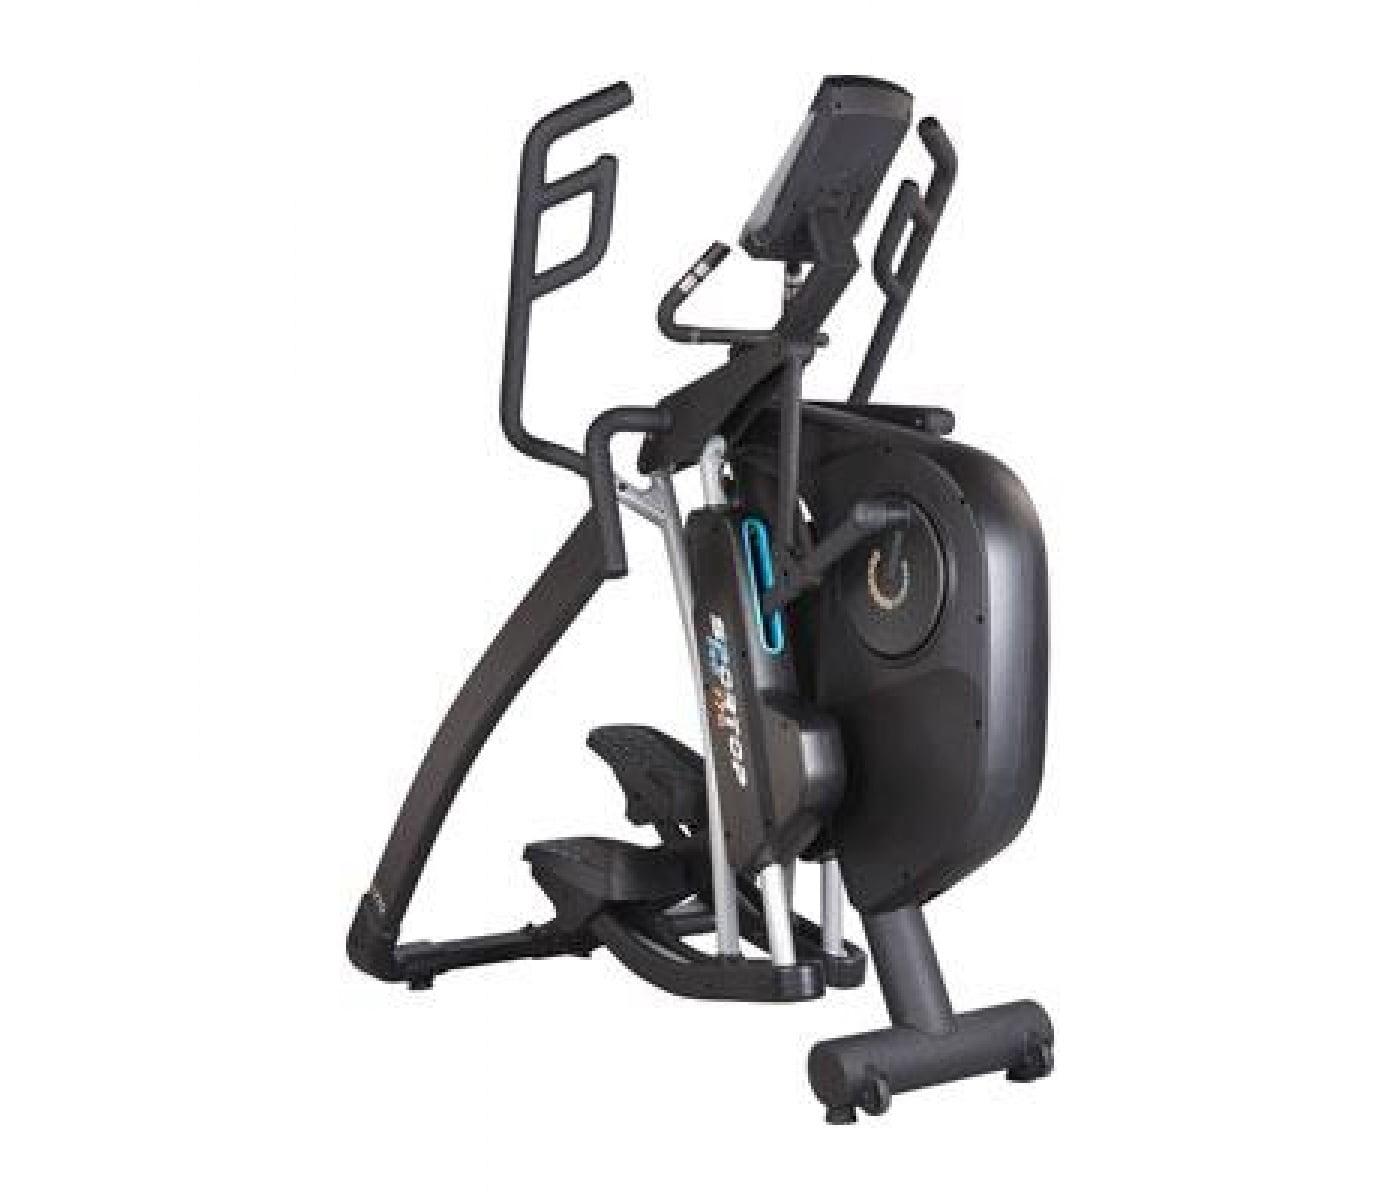 Sportop E770 crosstrainer